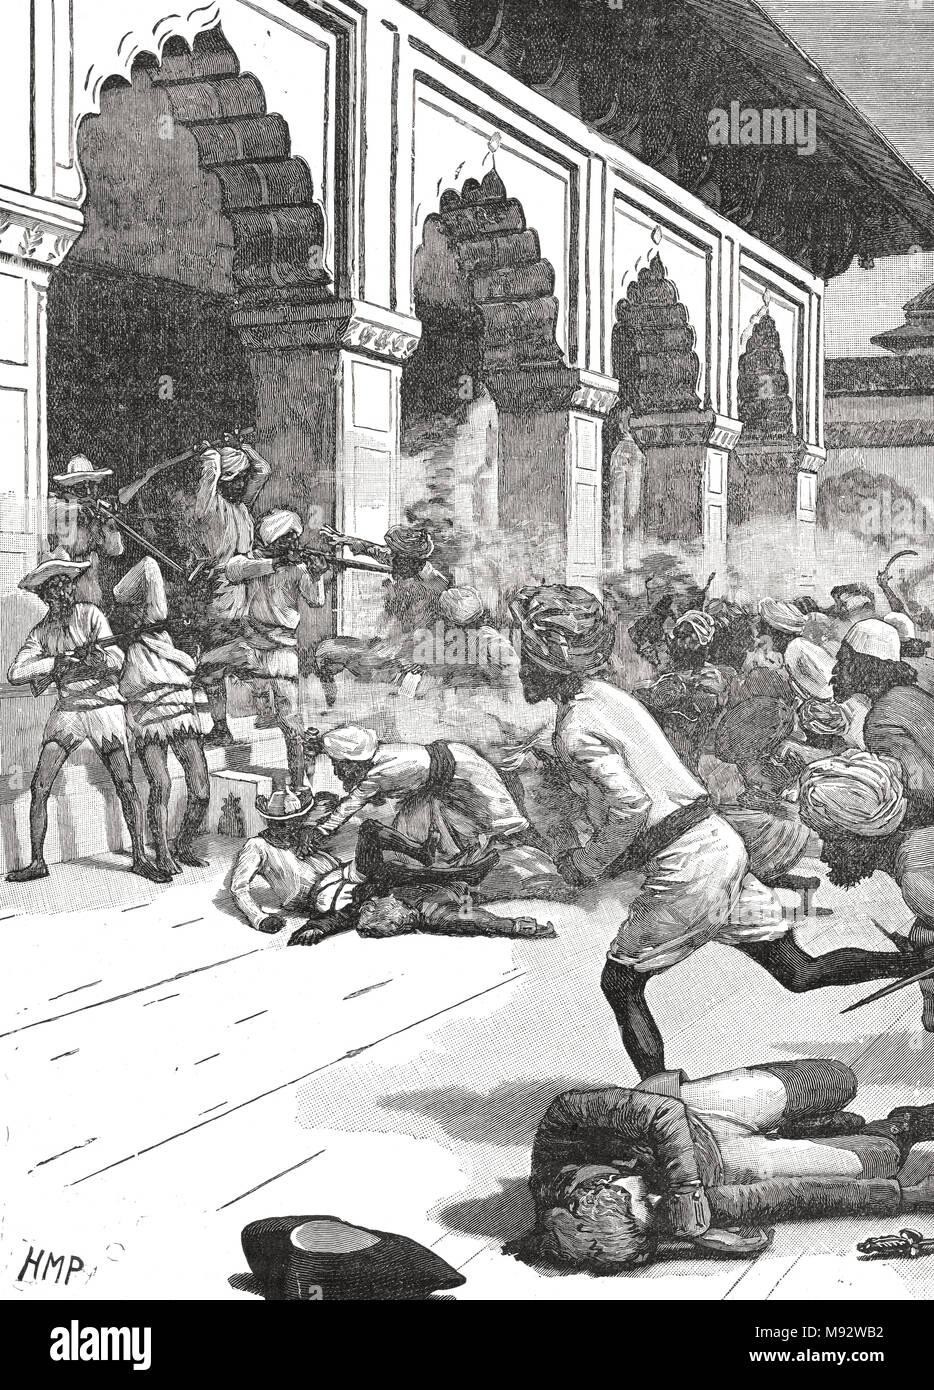 Verhaftung des Rajah von Benares, Chait Singh, August 1781. Benares, Indien heute Varanasi, auch als Banaras bekannt Stockbild